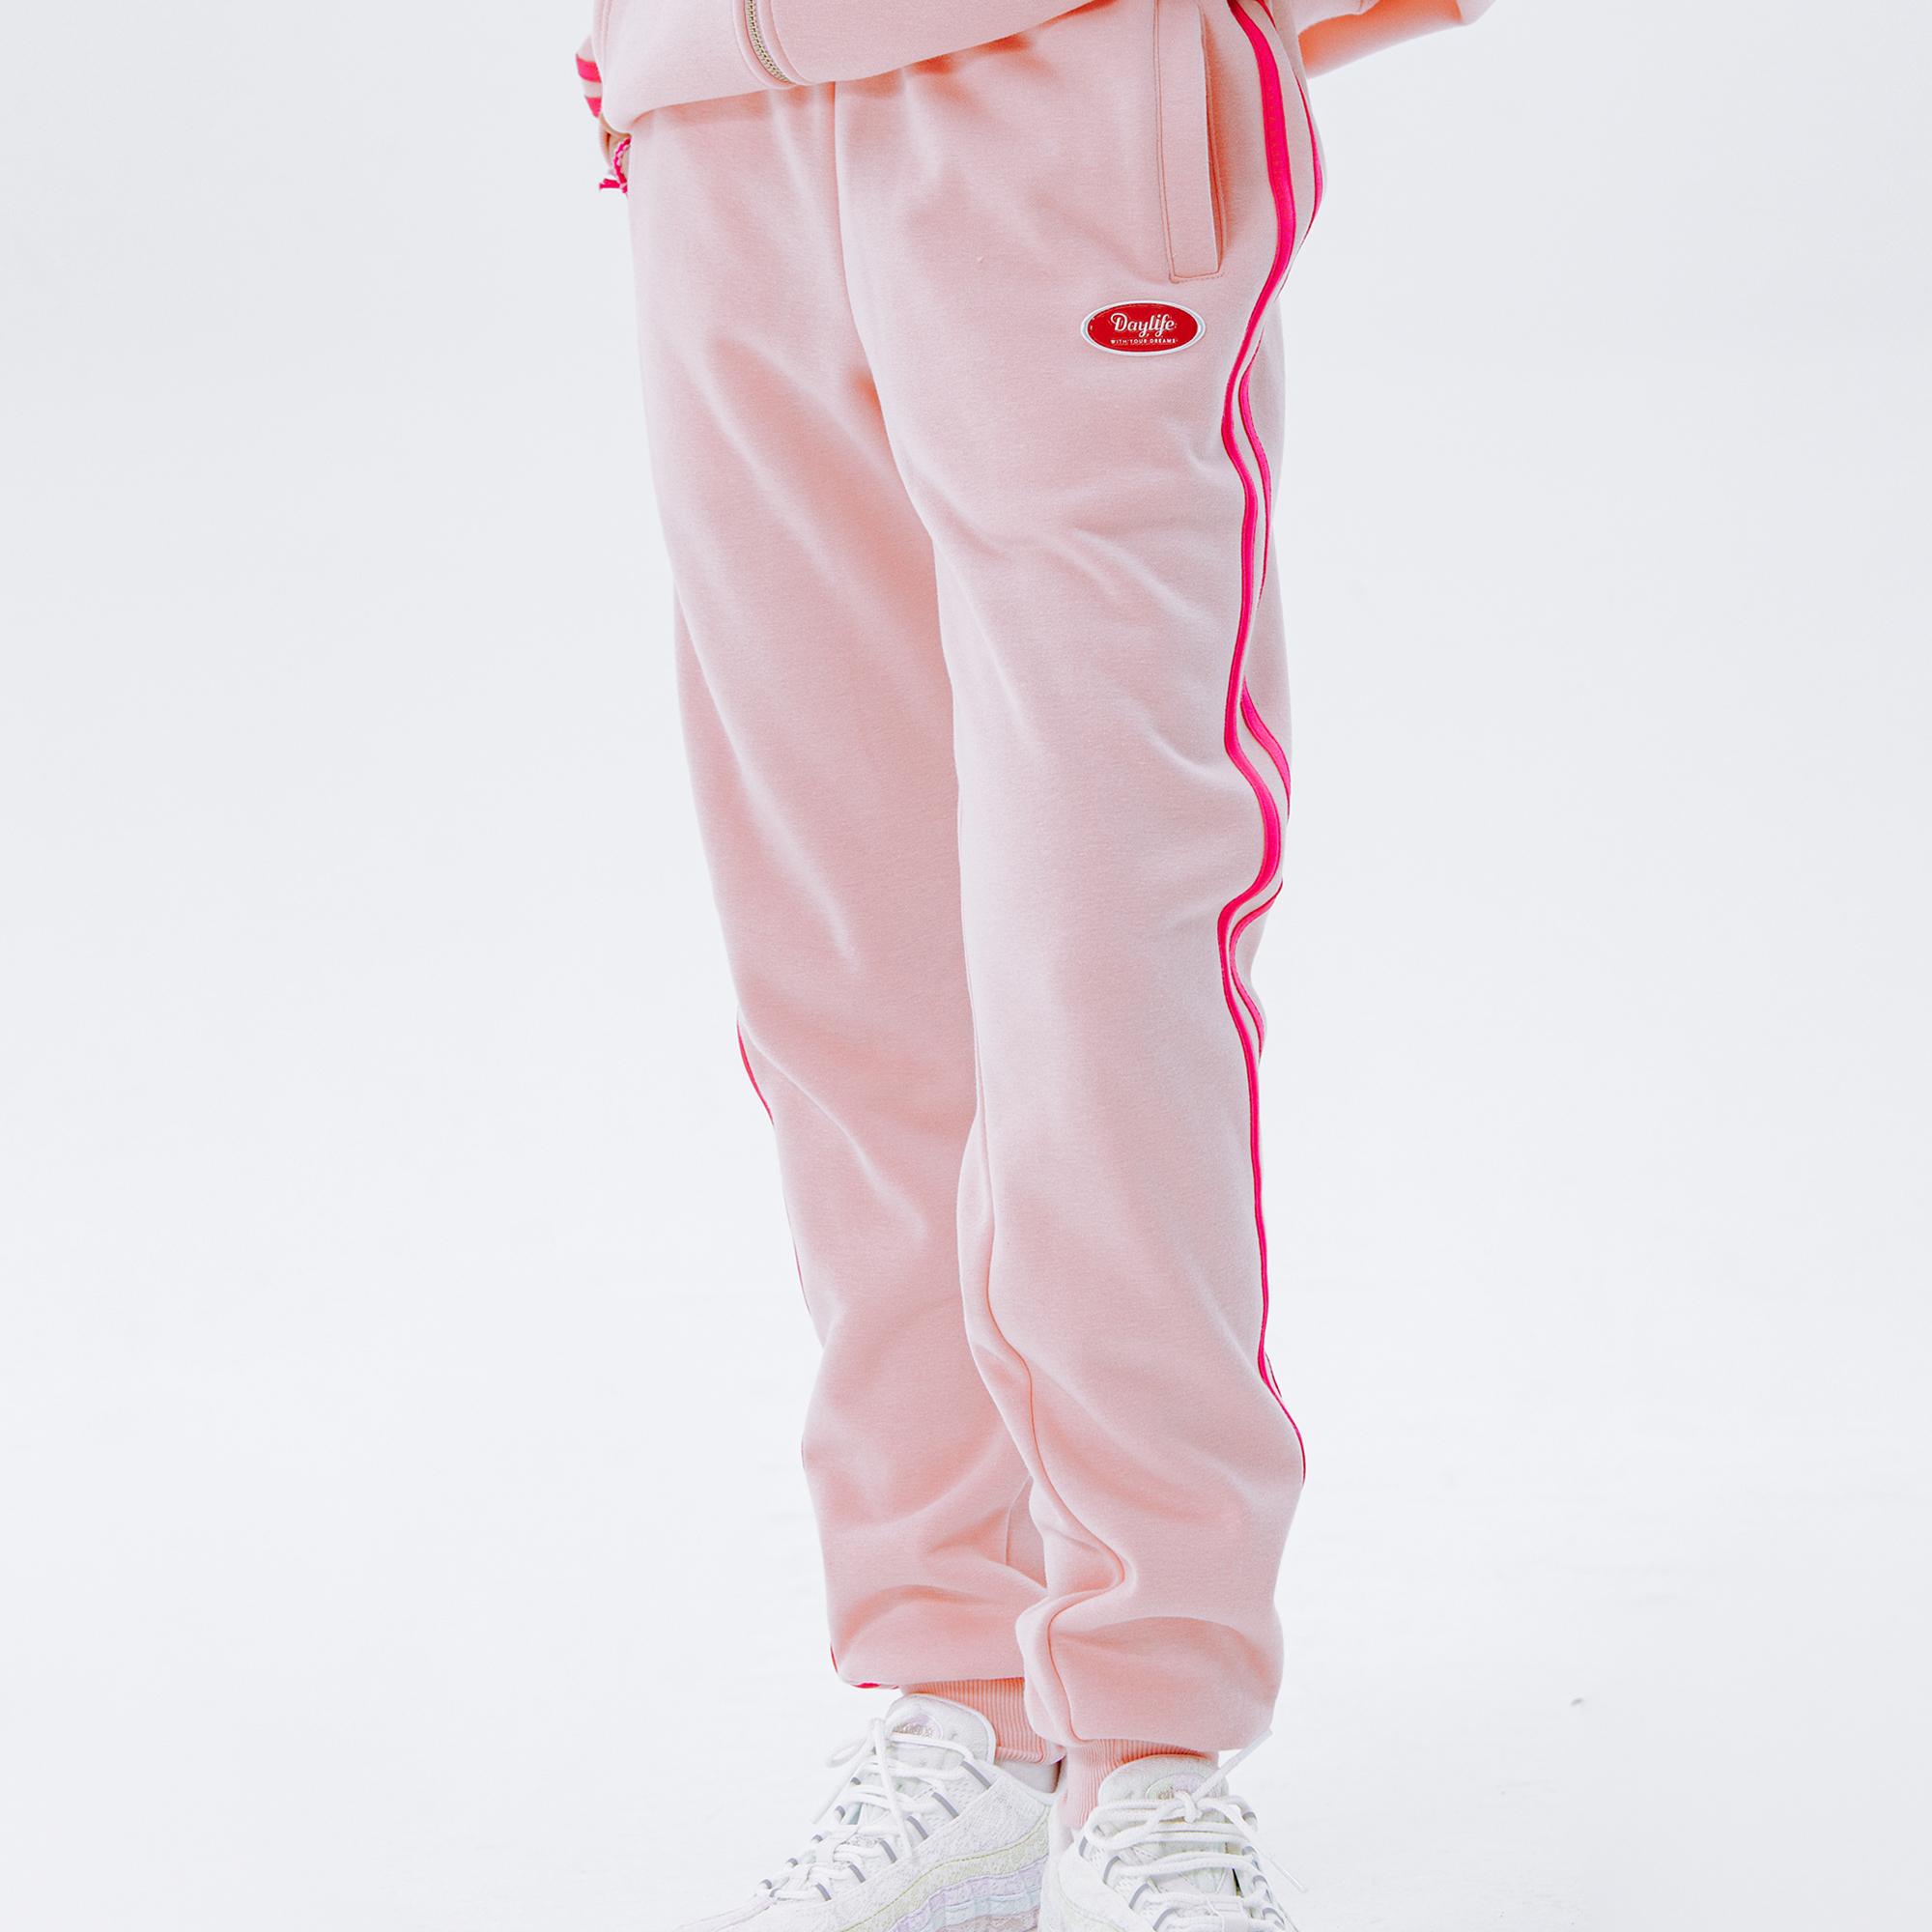 데이라이프 라인 스웨트 팬츠 (핑크) 조거 트레이닝